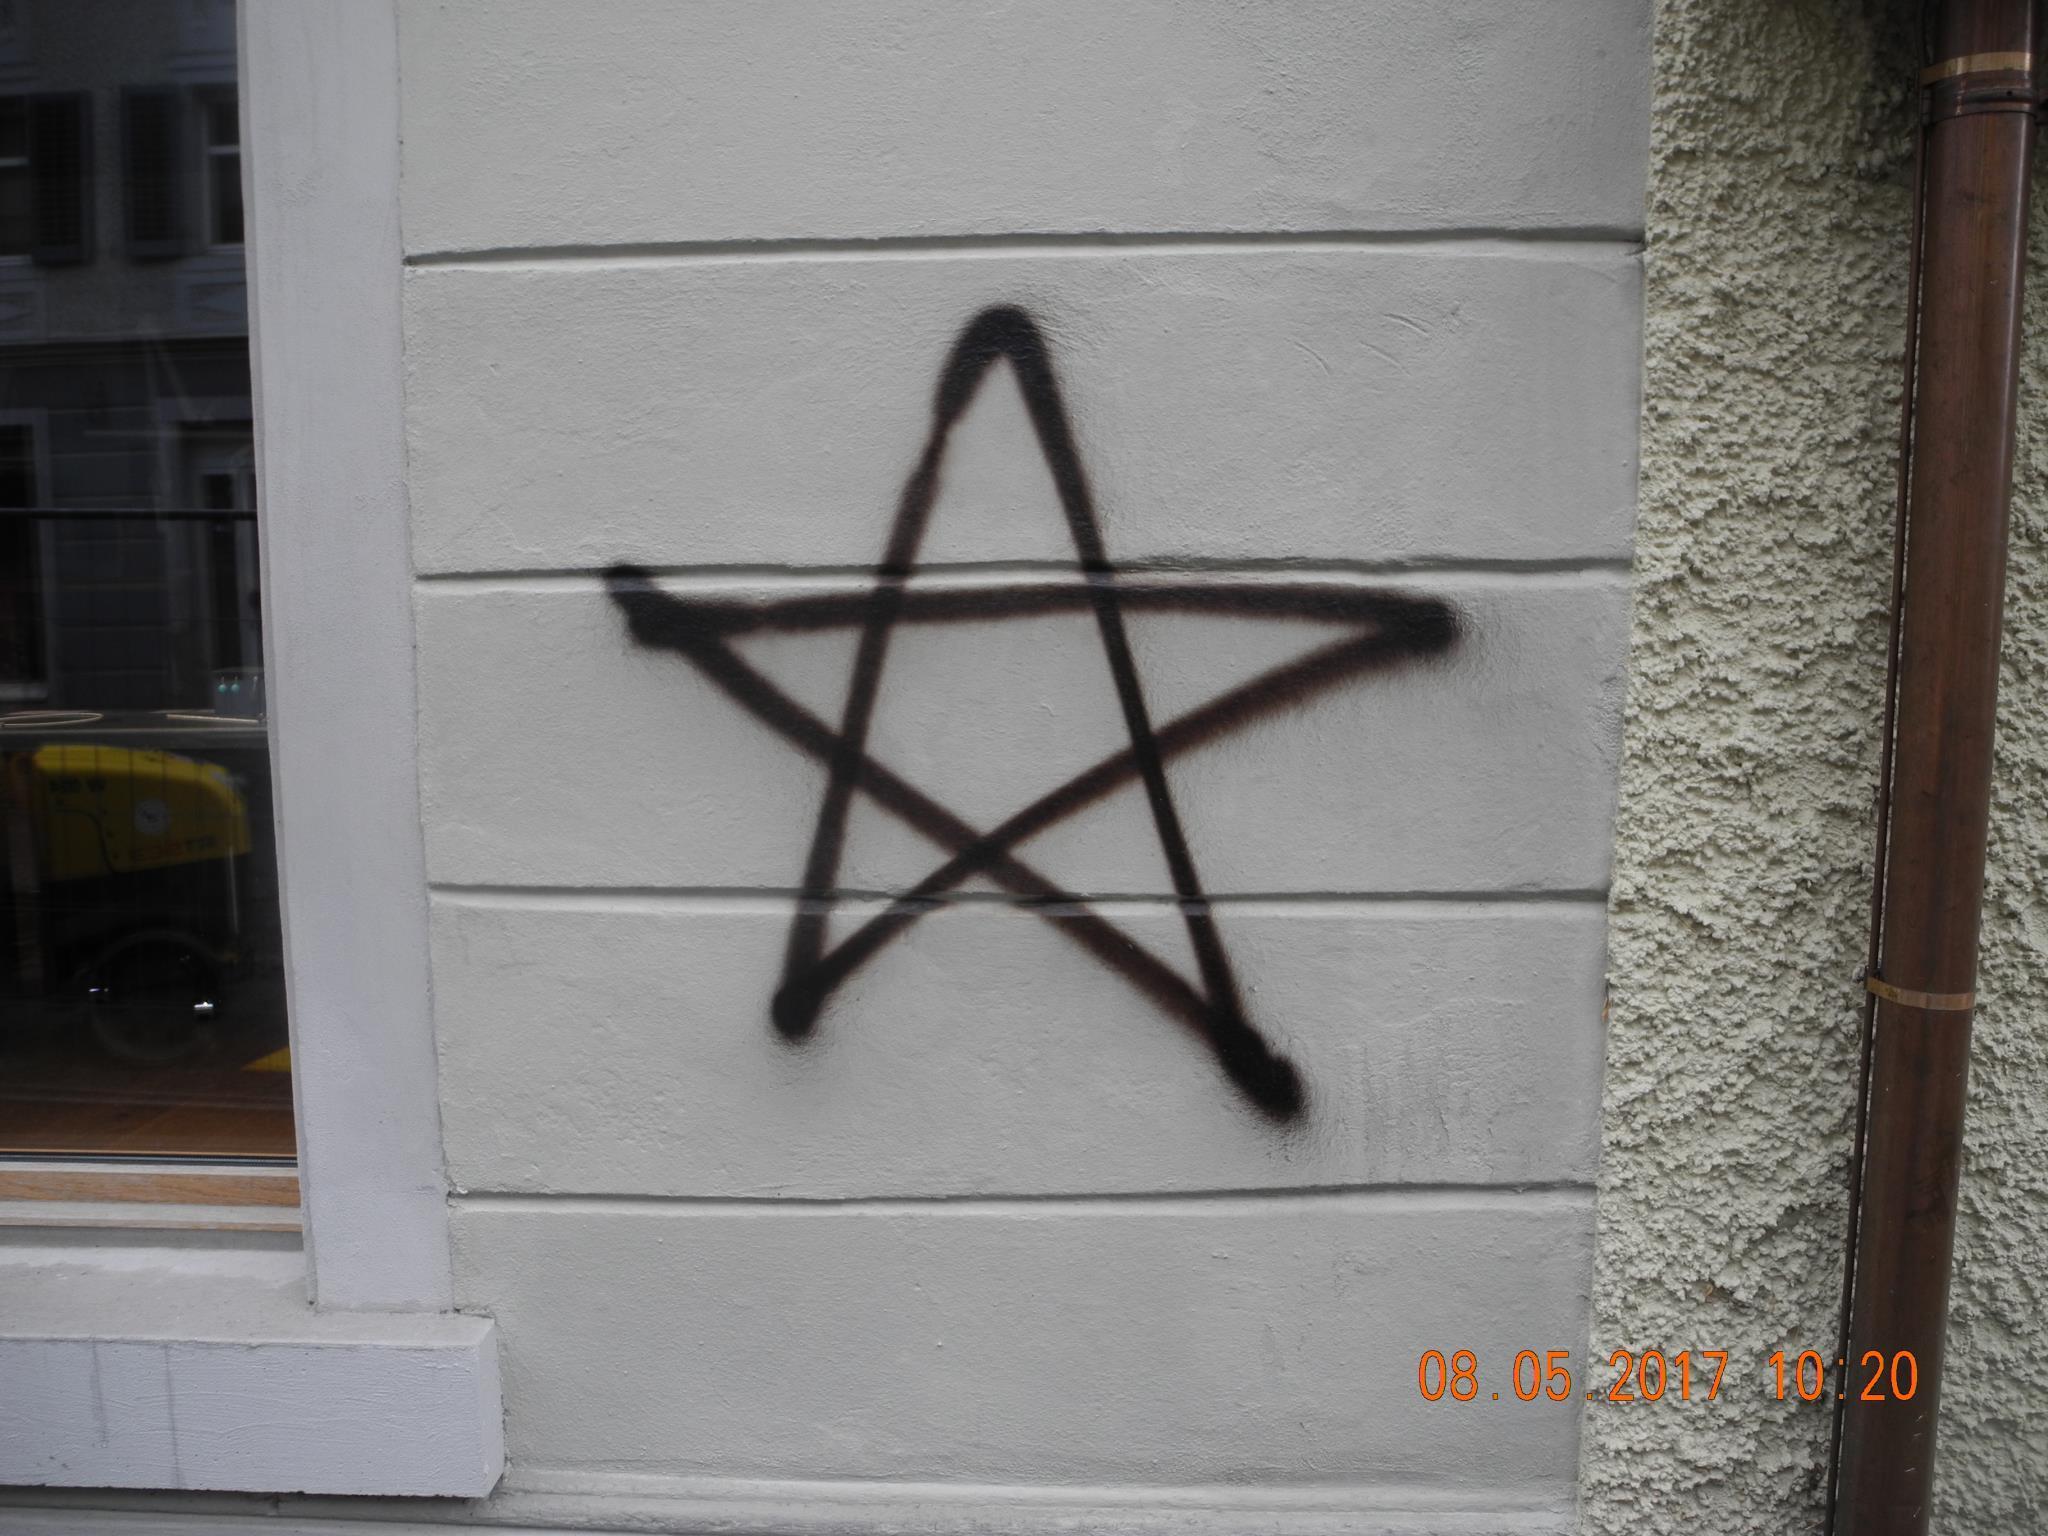 Auf eine Hausfassade in Hohenems wurde dieser Stern gesprüht.